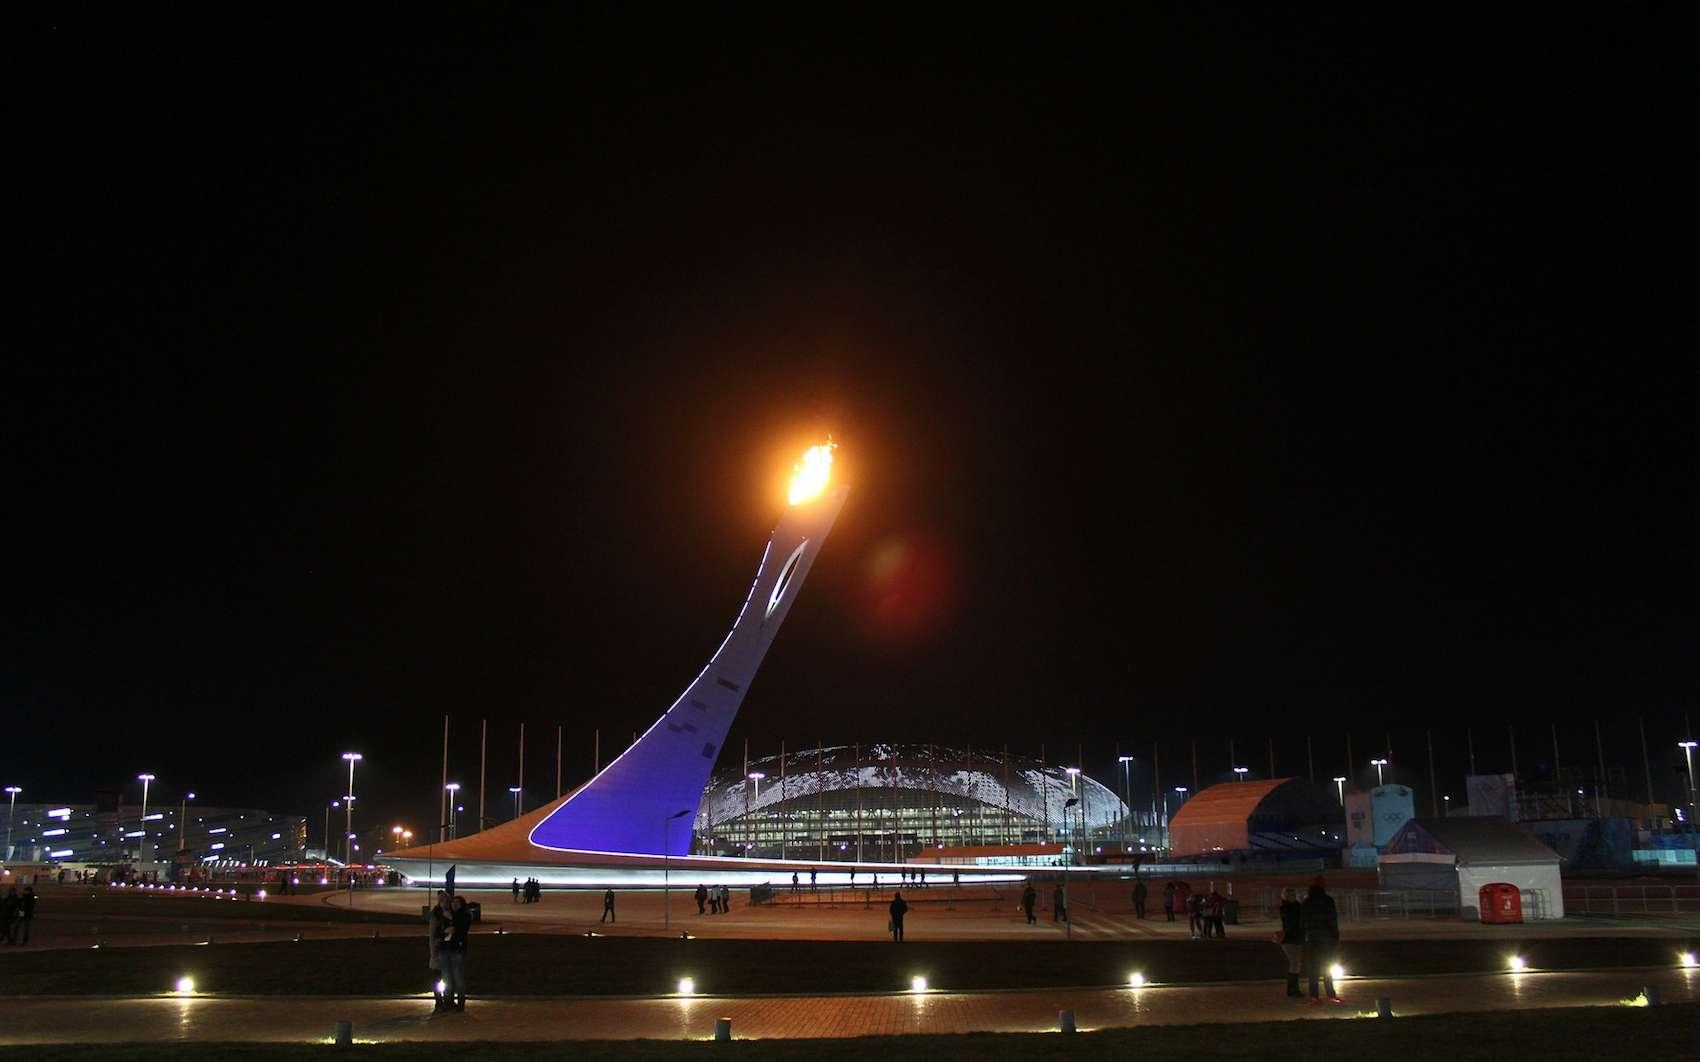 La flamme olympique est un des symboles des Jeux olympiques et brille dans chacune des villes hôtes du rendez-vous. © Alex1983, Pixabay